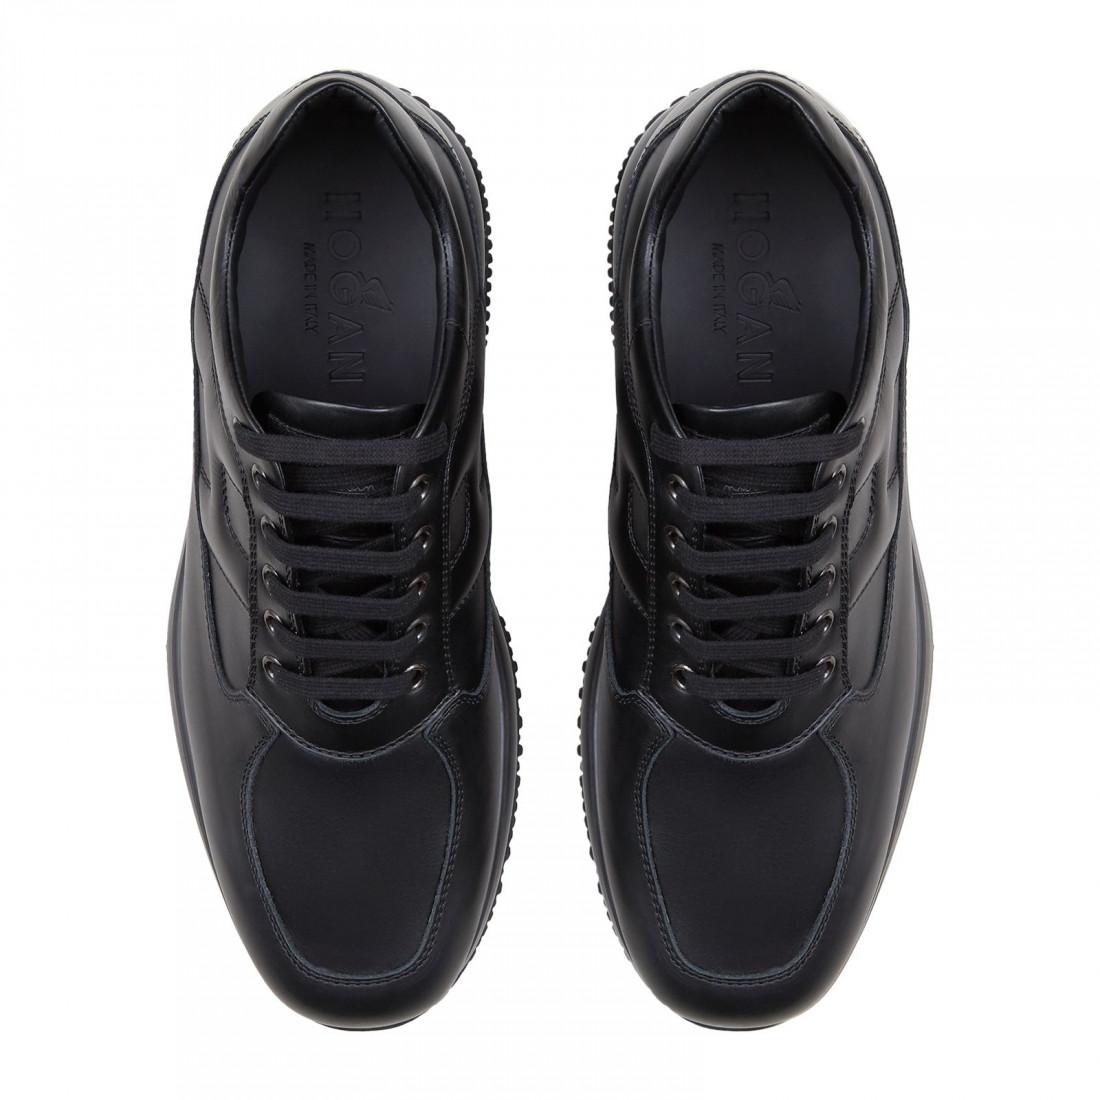 sneakers man hogan hxm00n00010klab999 4979